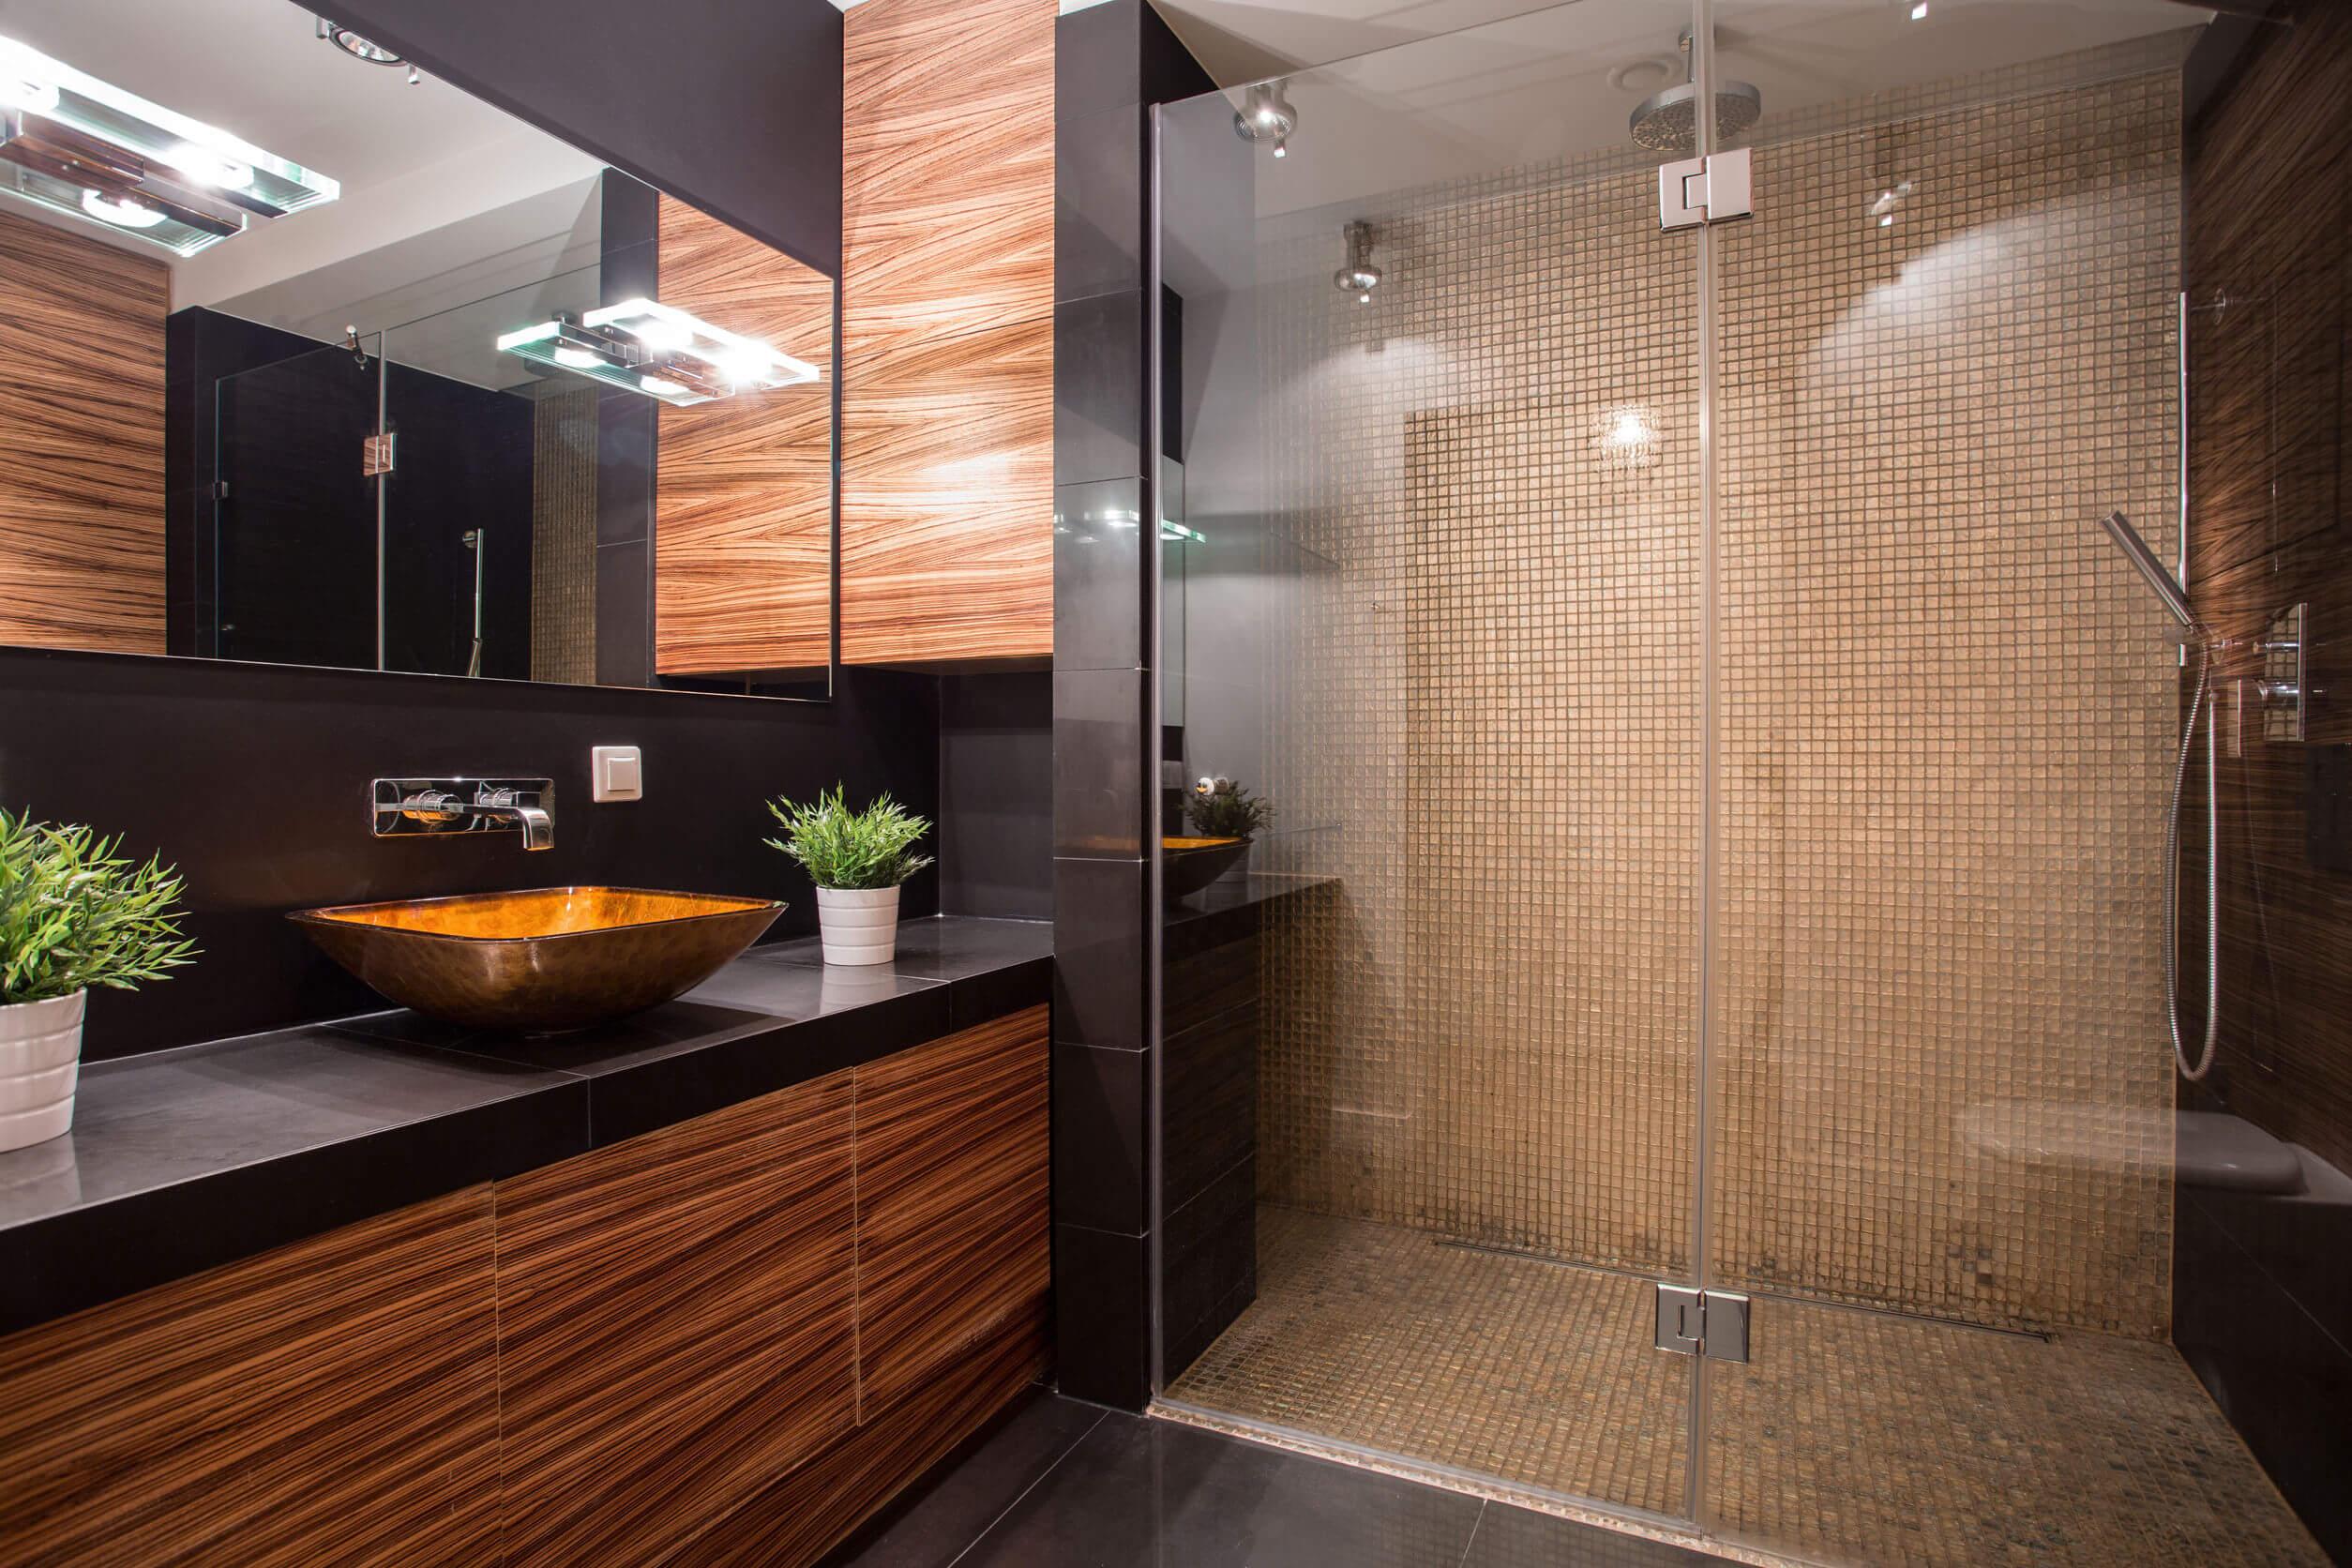 Ha aprócska a fürdőszoba, akkor így rendezd be!